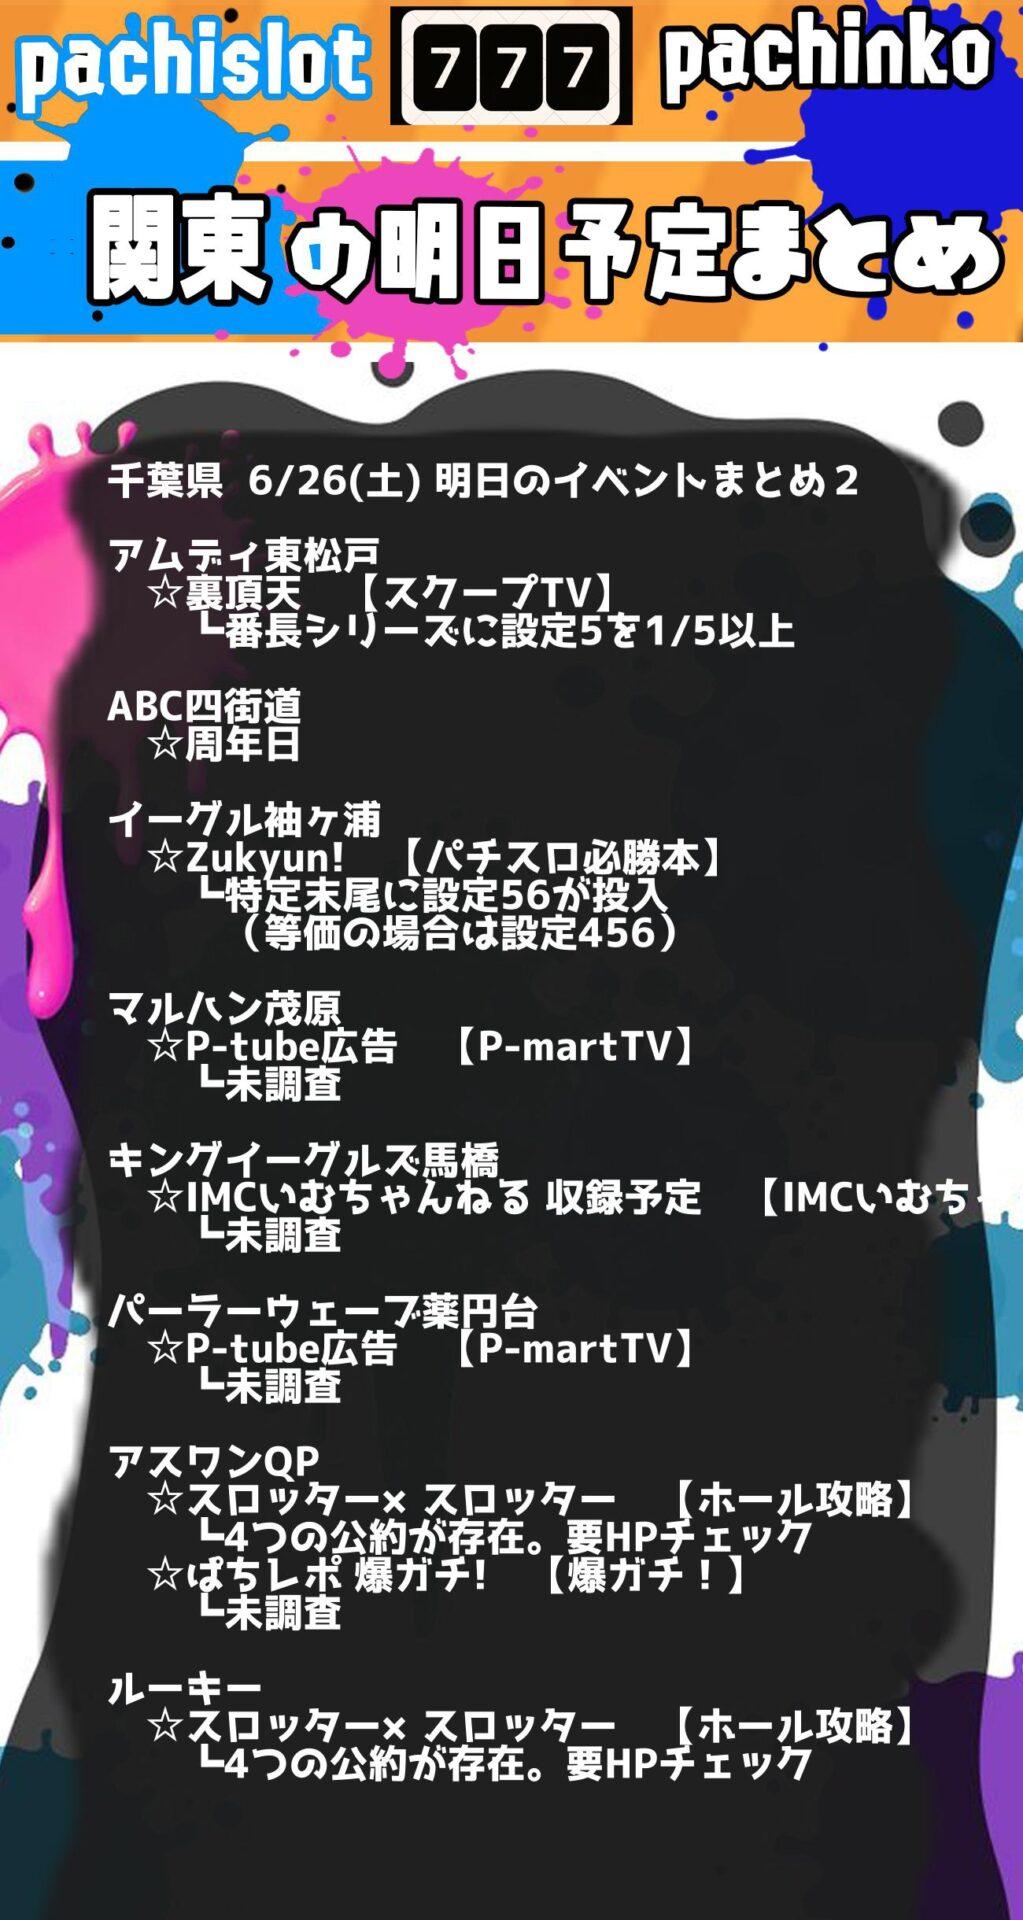 千葉県_2021-06-26_パチンコ・パチスロ_イベント